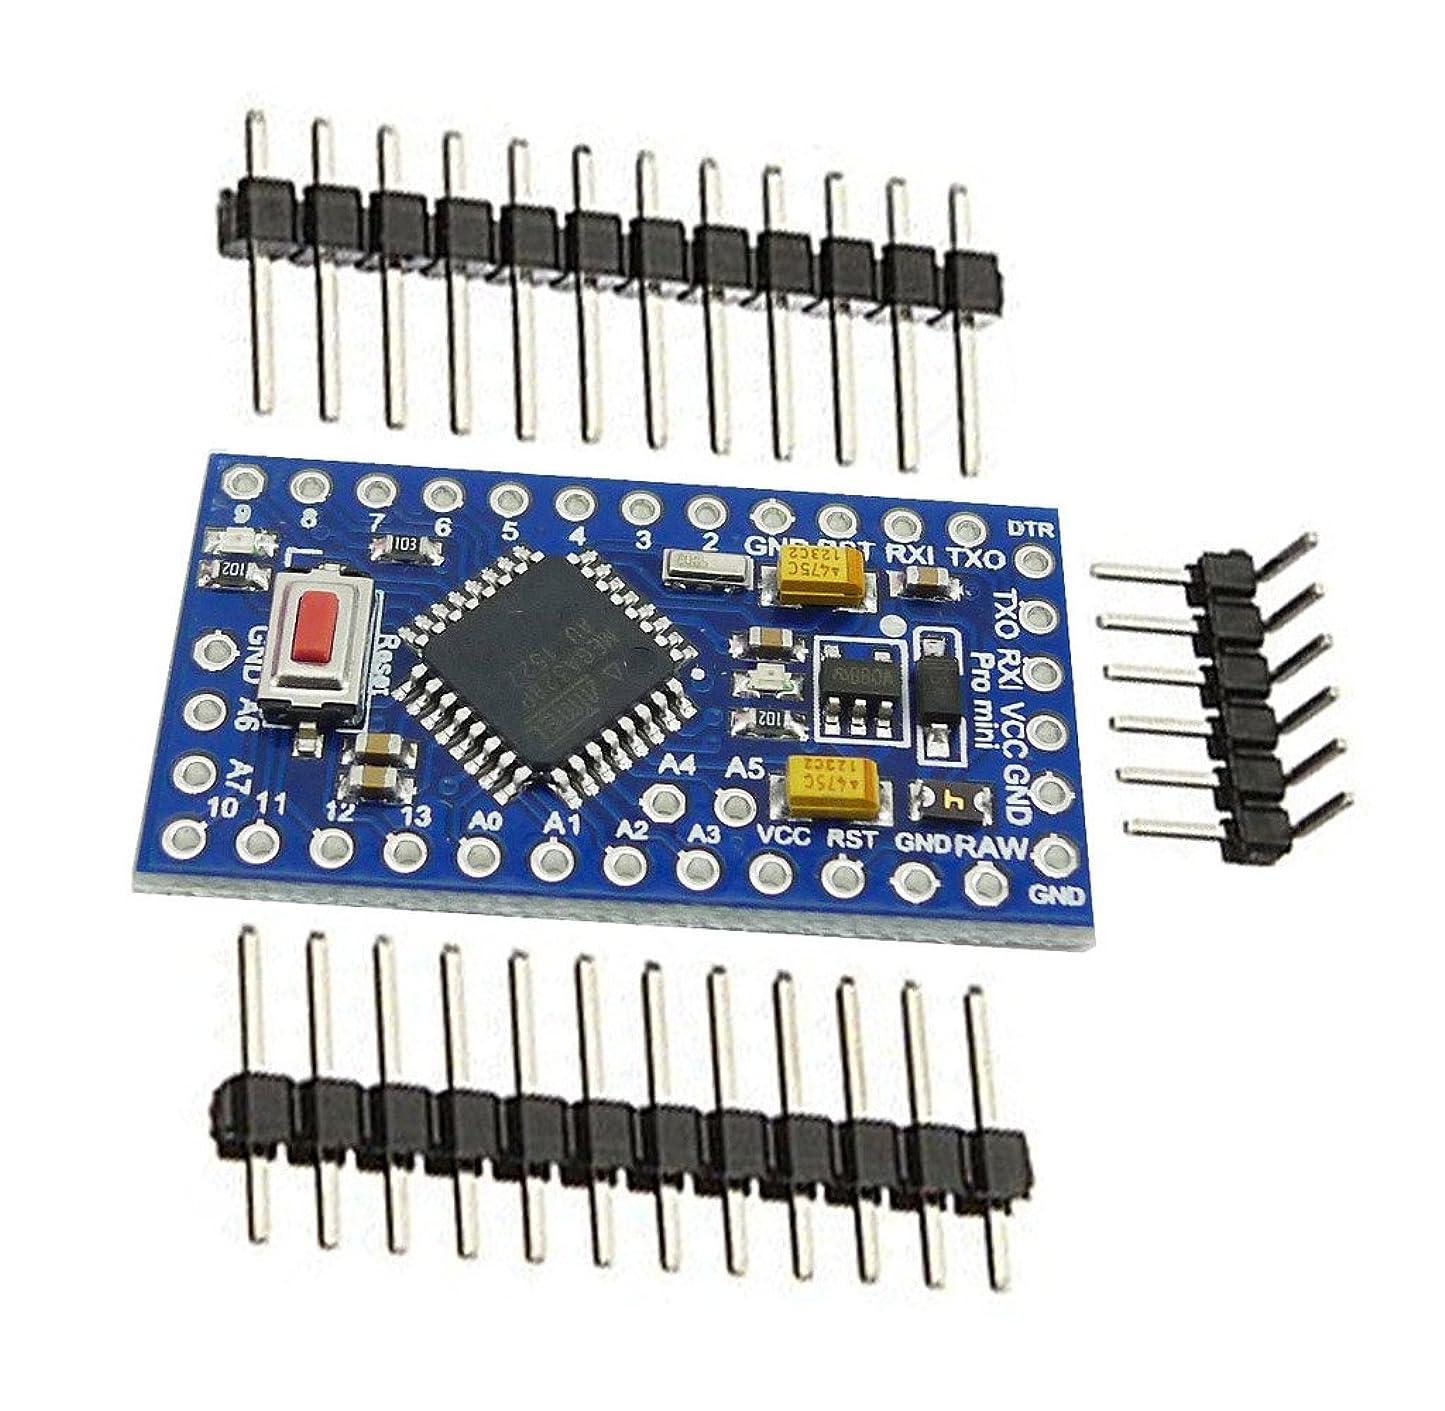 お酢適応する印象的なKKHMF Pro Mini モジュール Atmega328 3.3V 8M Arduino用